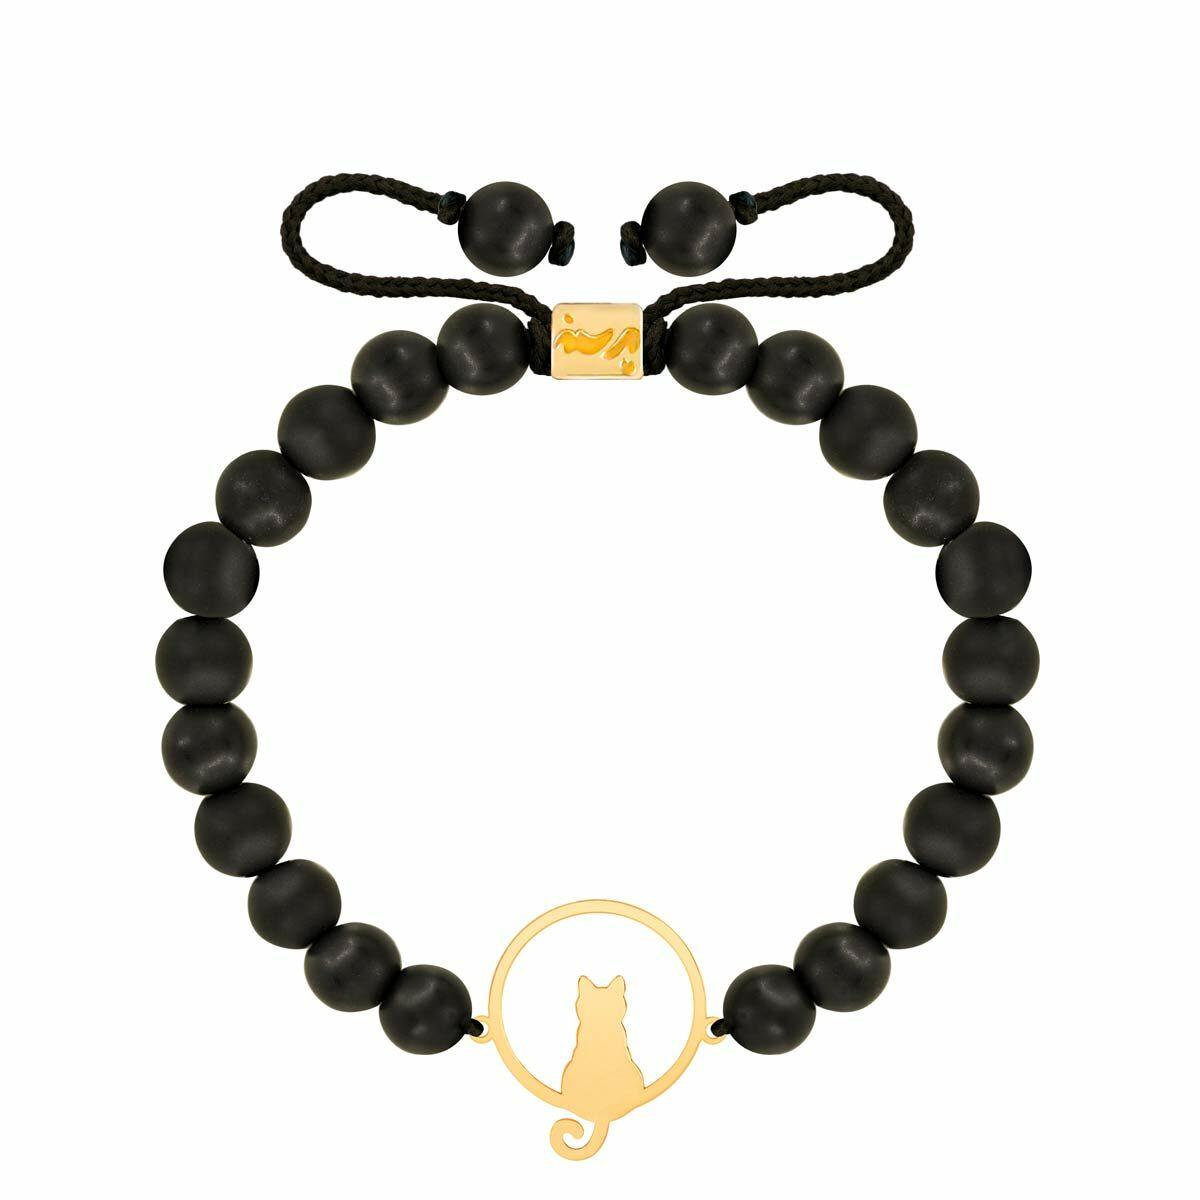 دستبند طلا سنگی گربه و دایره